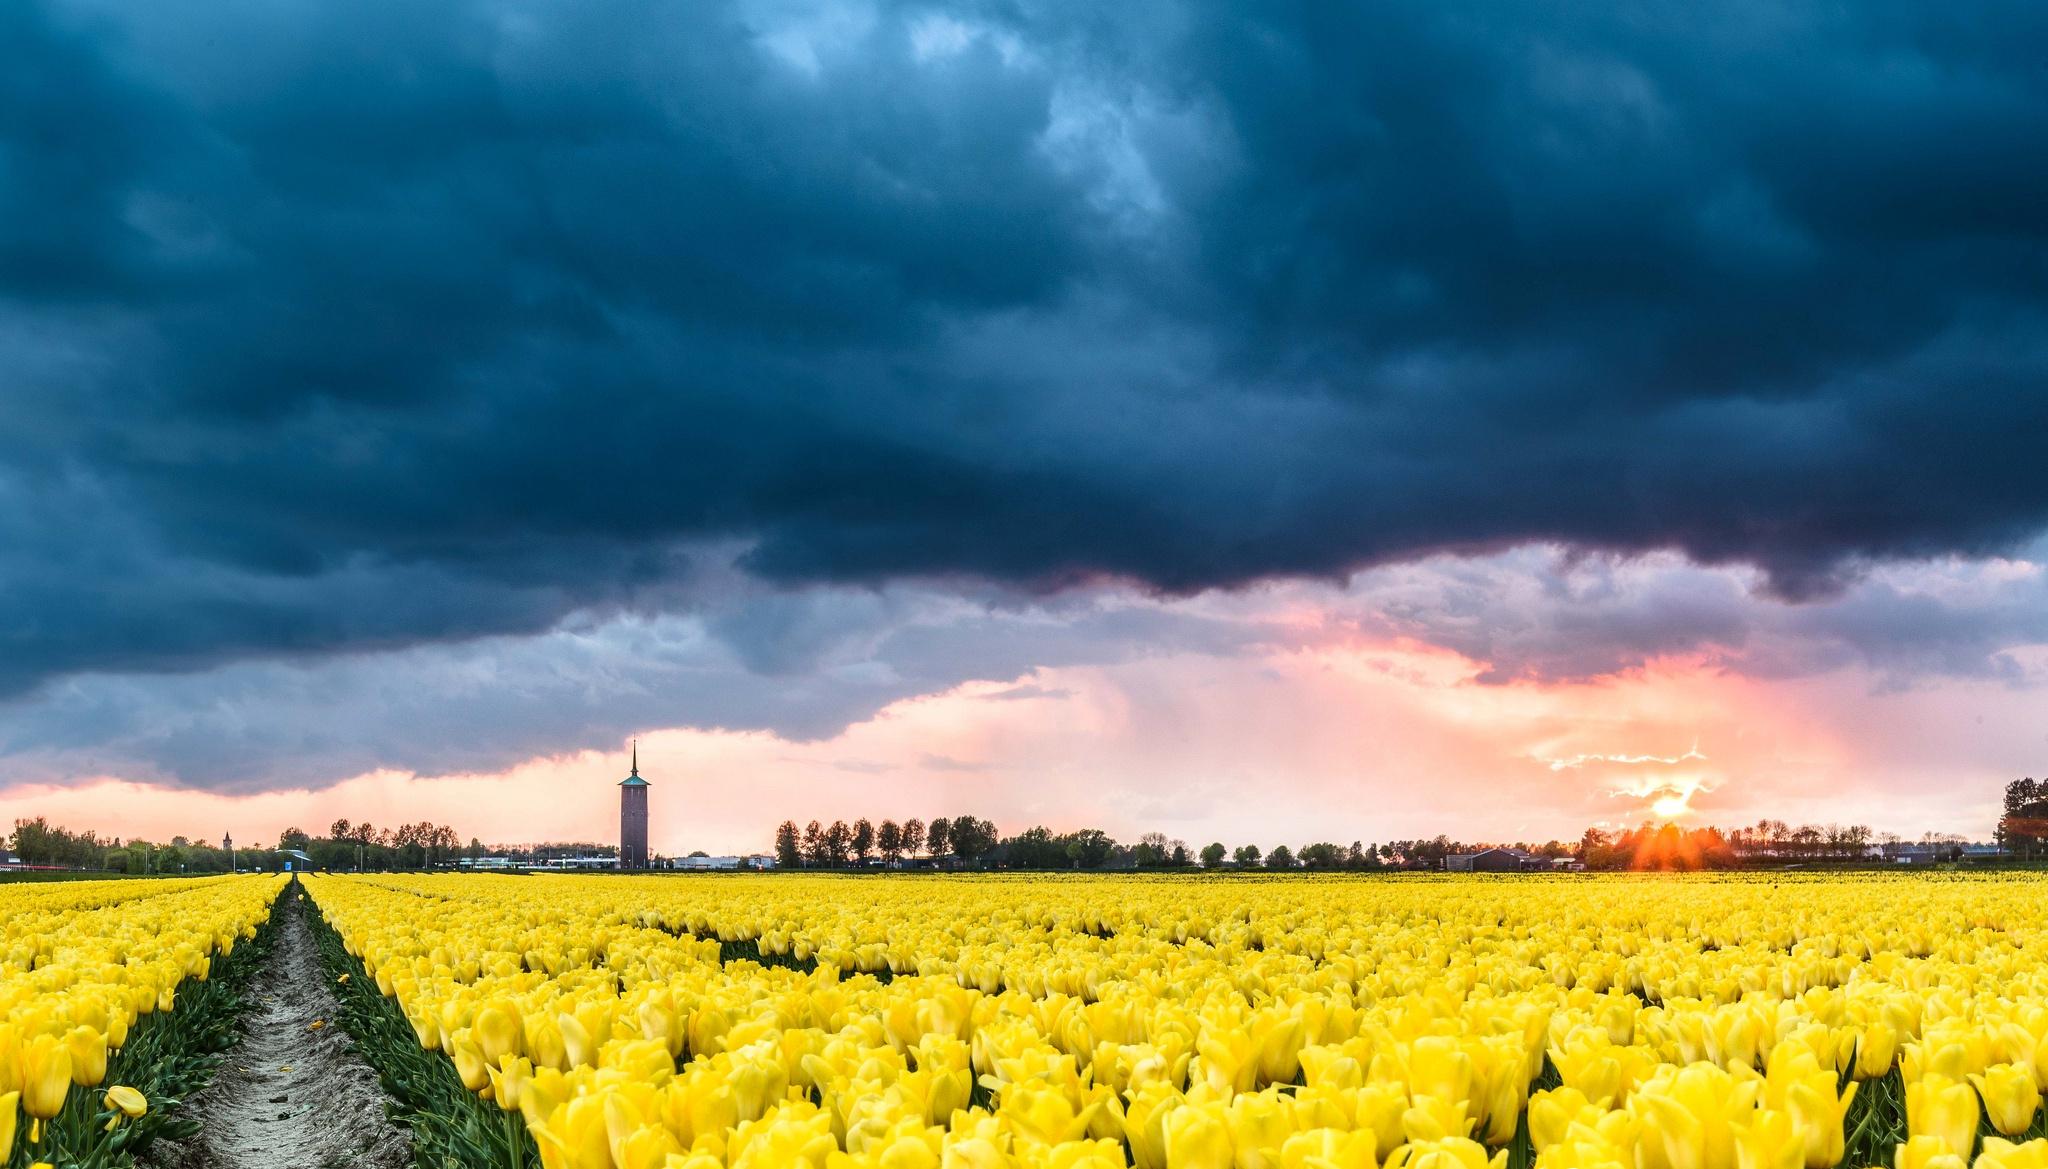 архитектура страны цветы тюльпаны желтые пейзаж  № 2568568 бесплатно